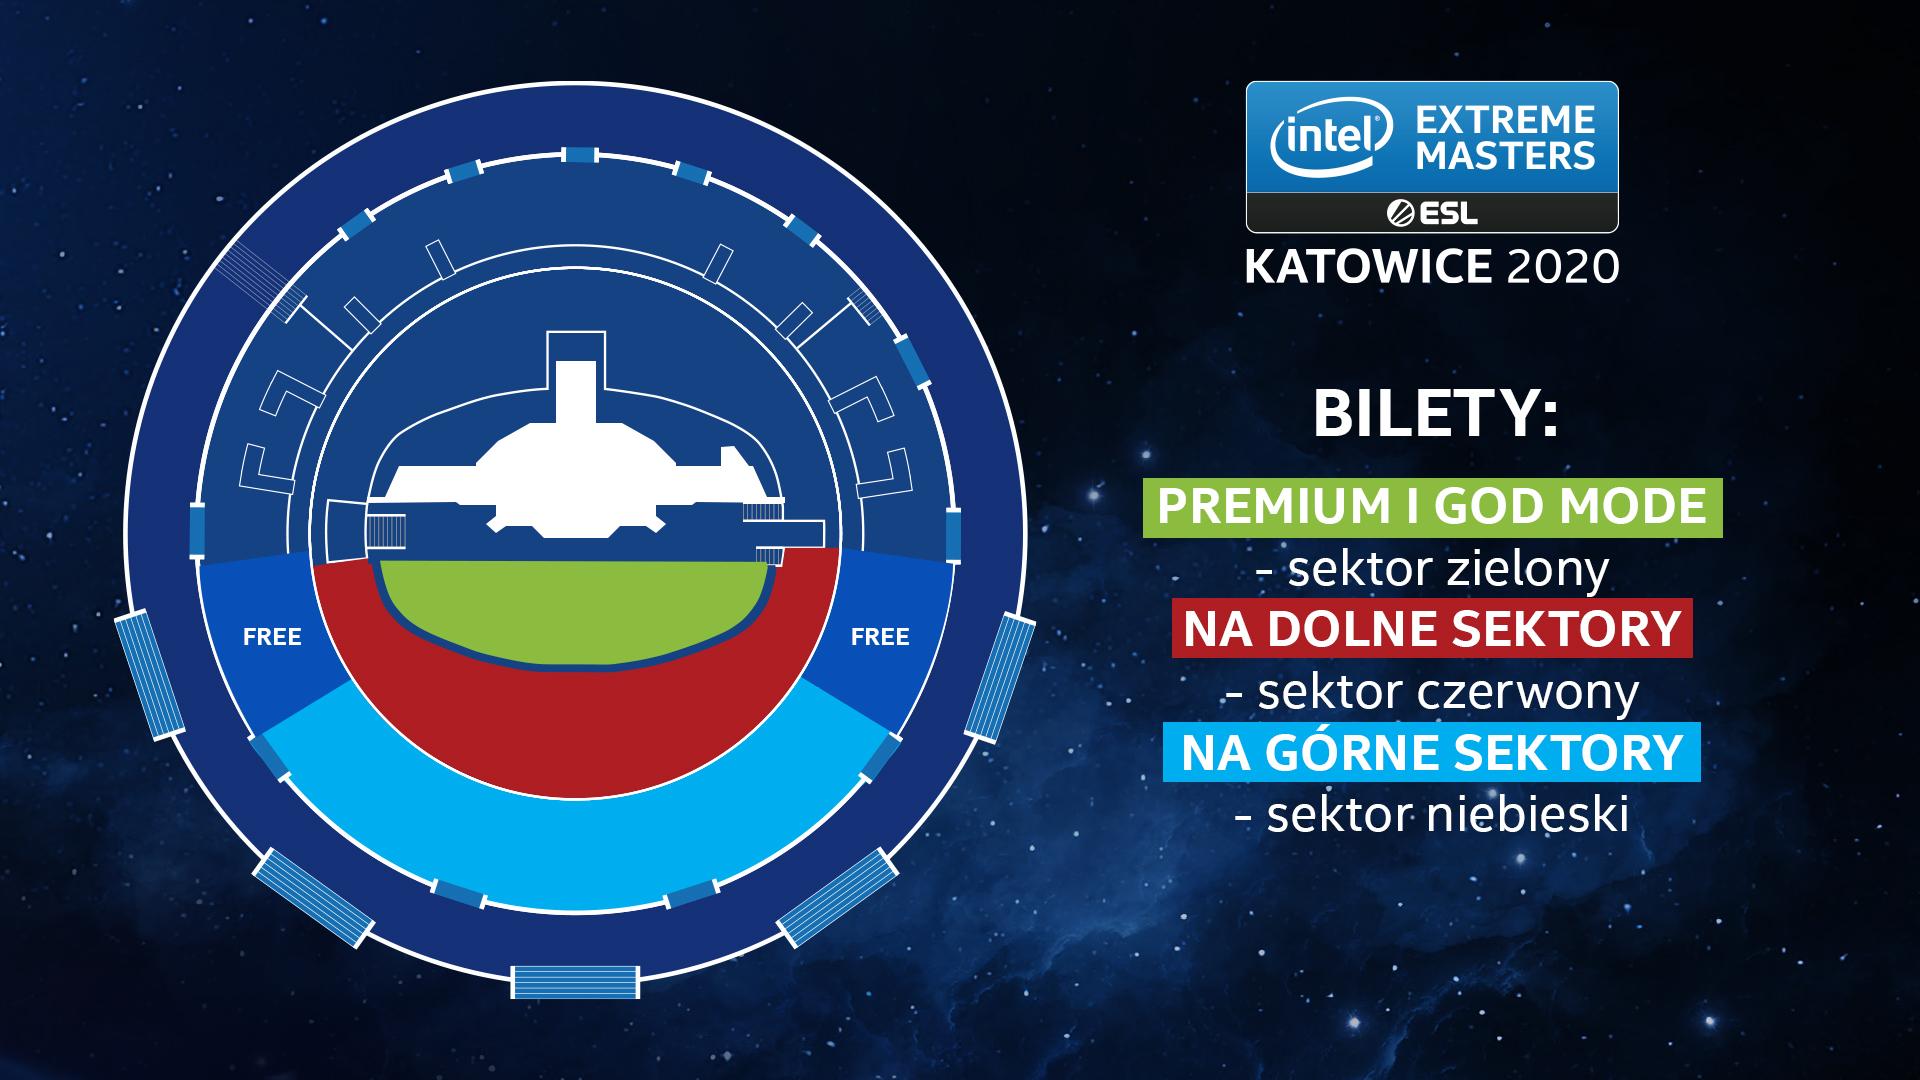 IEM Katowice 2020 - bilety